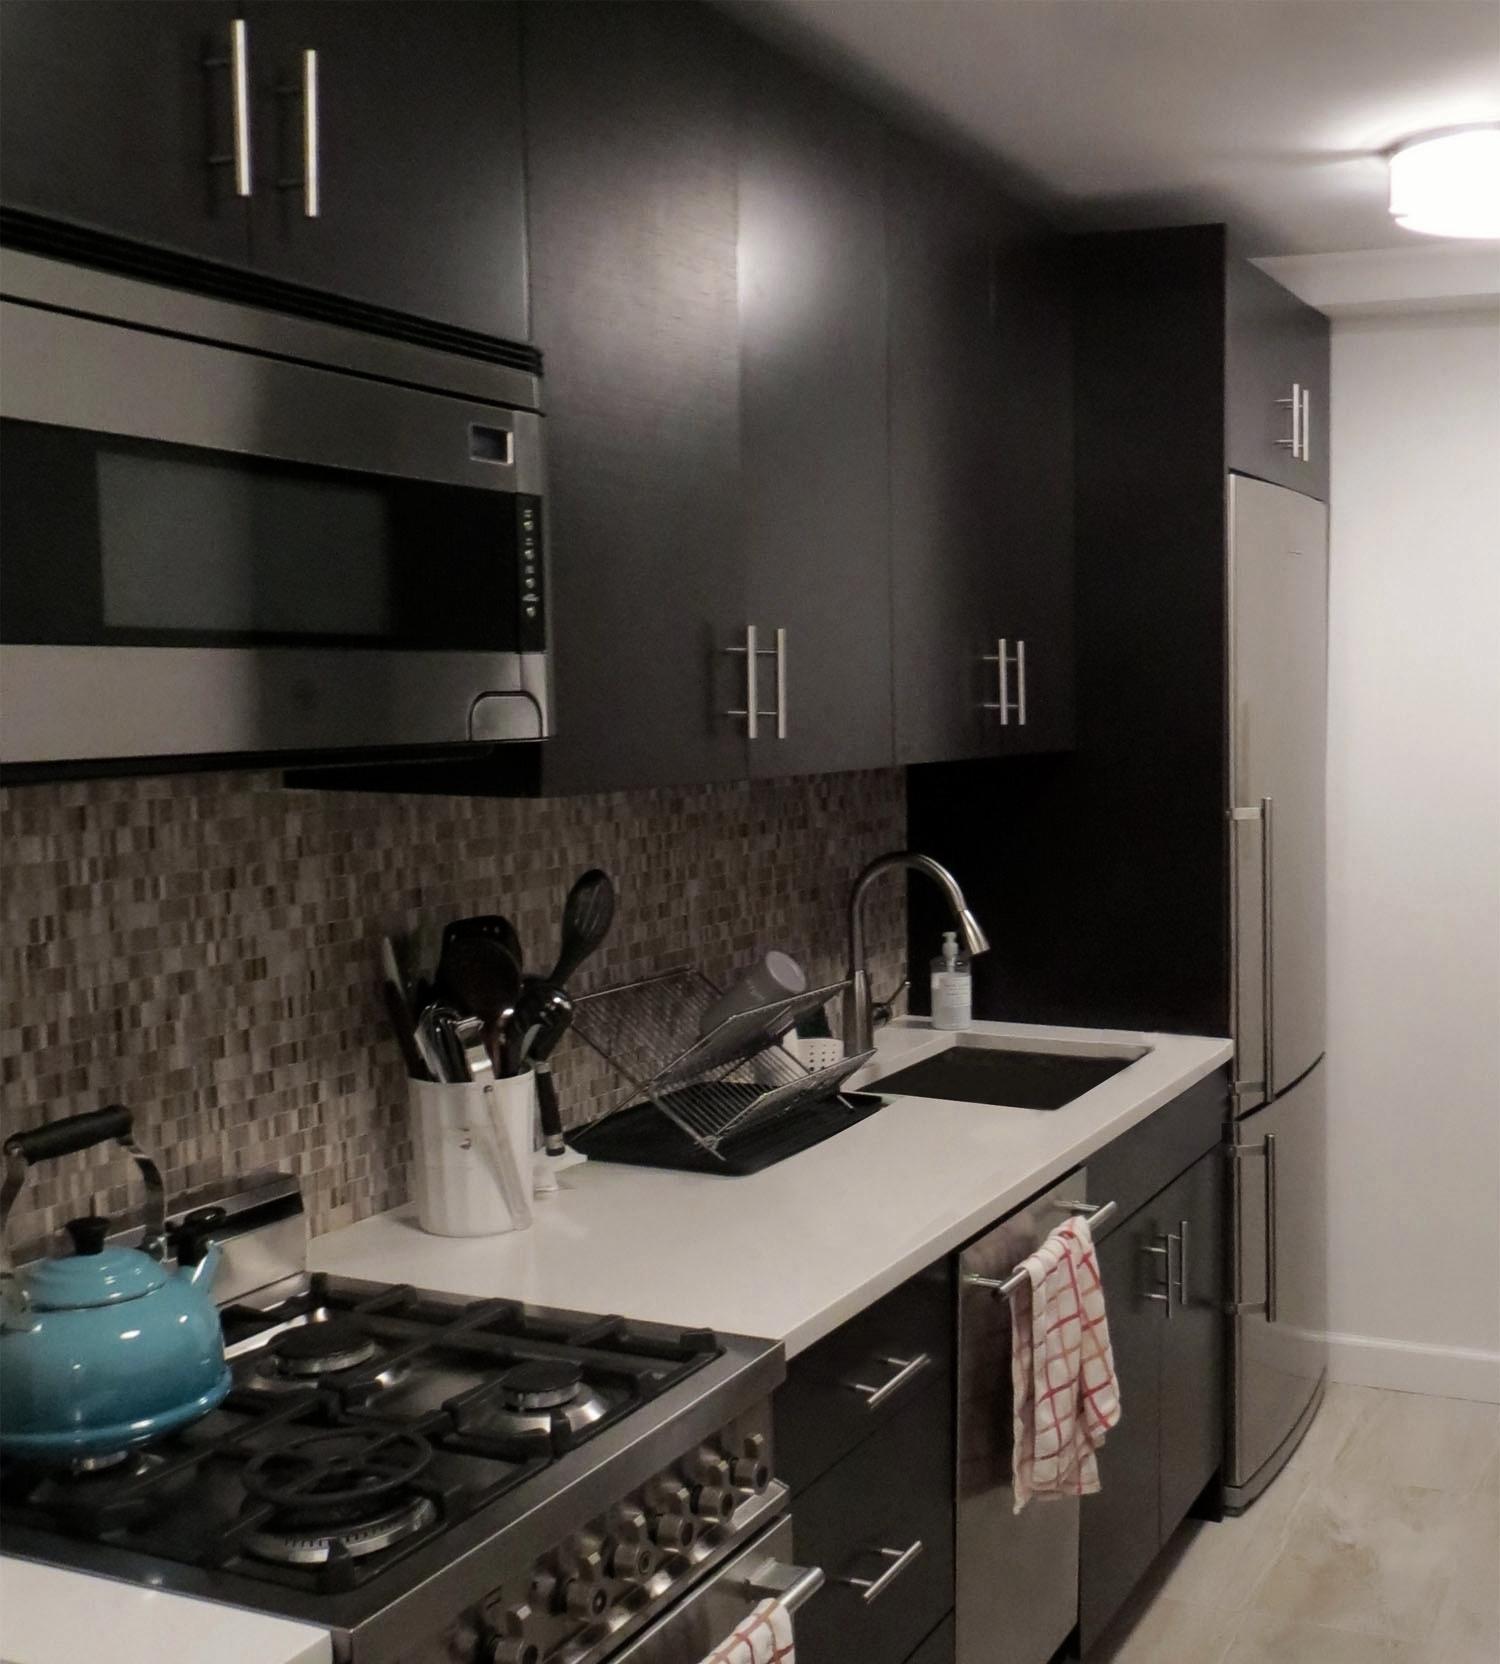 sn-kitchen-sml.jpg